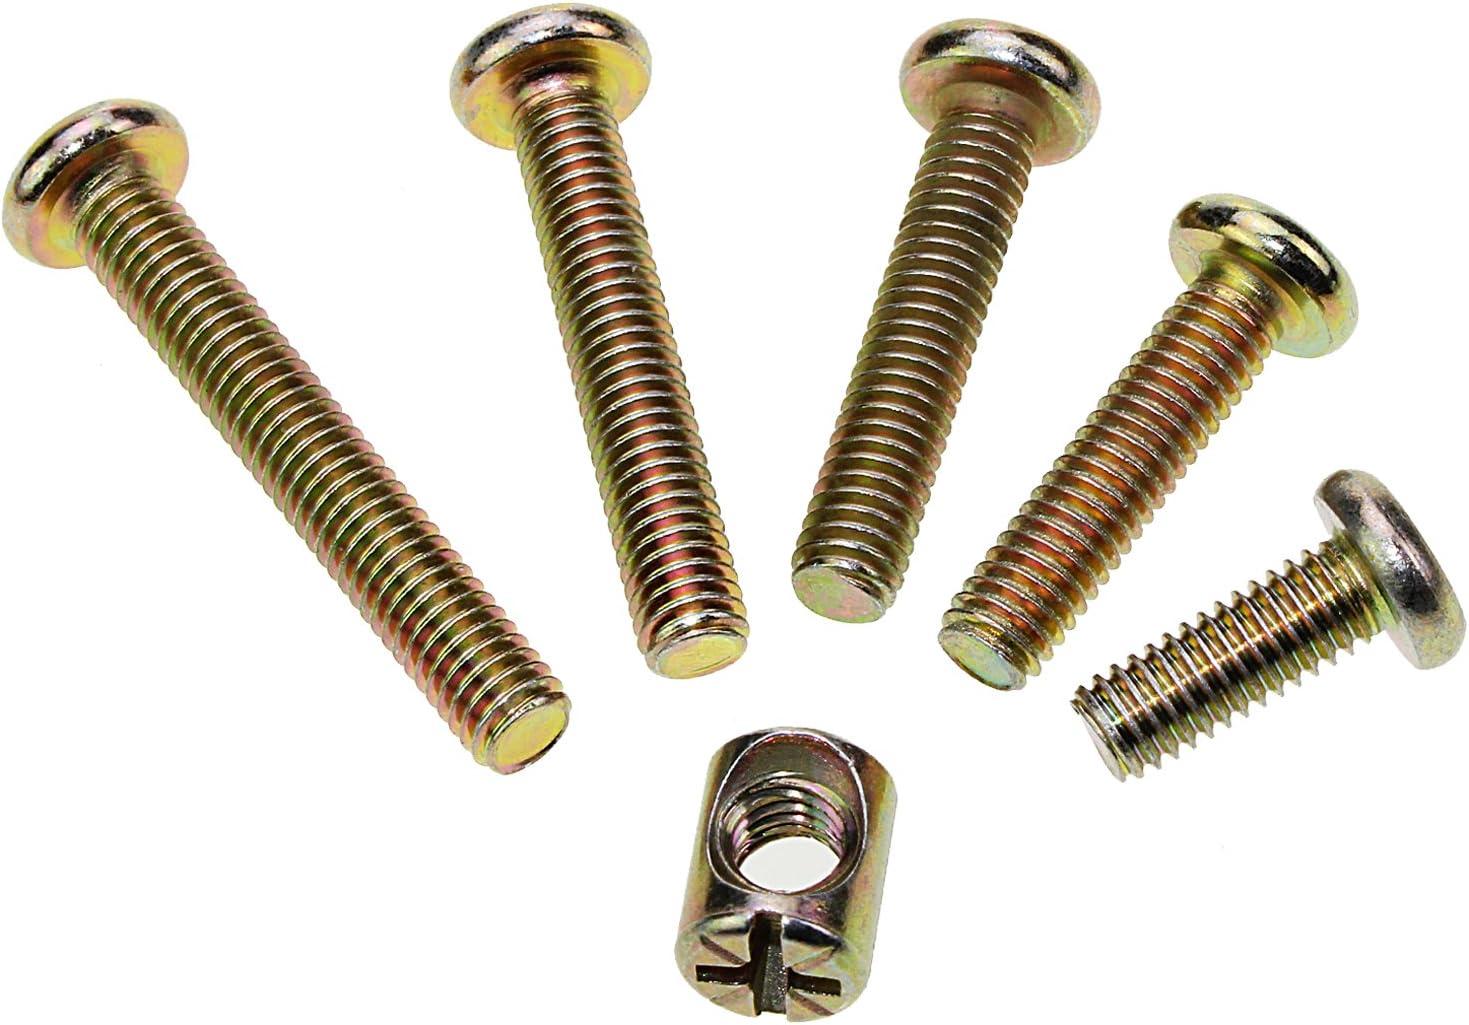 WiMas 100 PCS M6 x 15//25//30//35//40mm Zinc Plaqu/é Meubles Baril Vis Hex Drive Socket Cap Bolt /Écrous Assortiment Kit